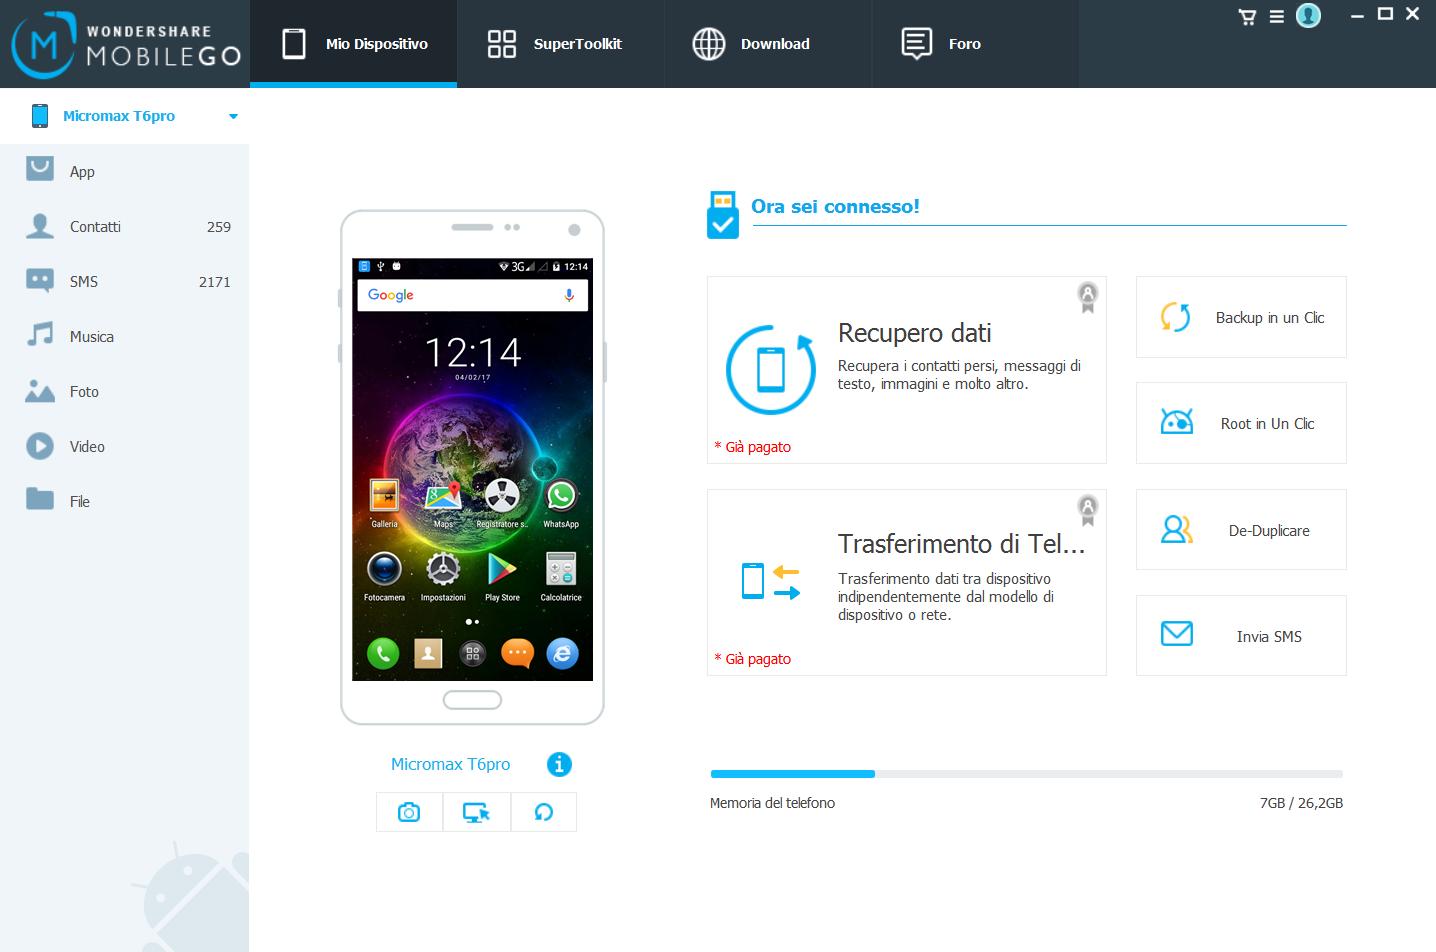 Galaxy S4/S5